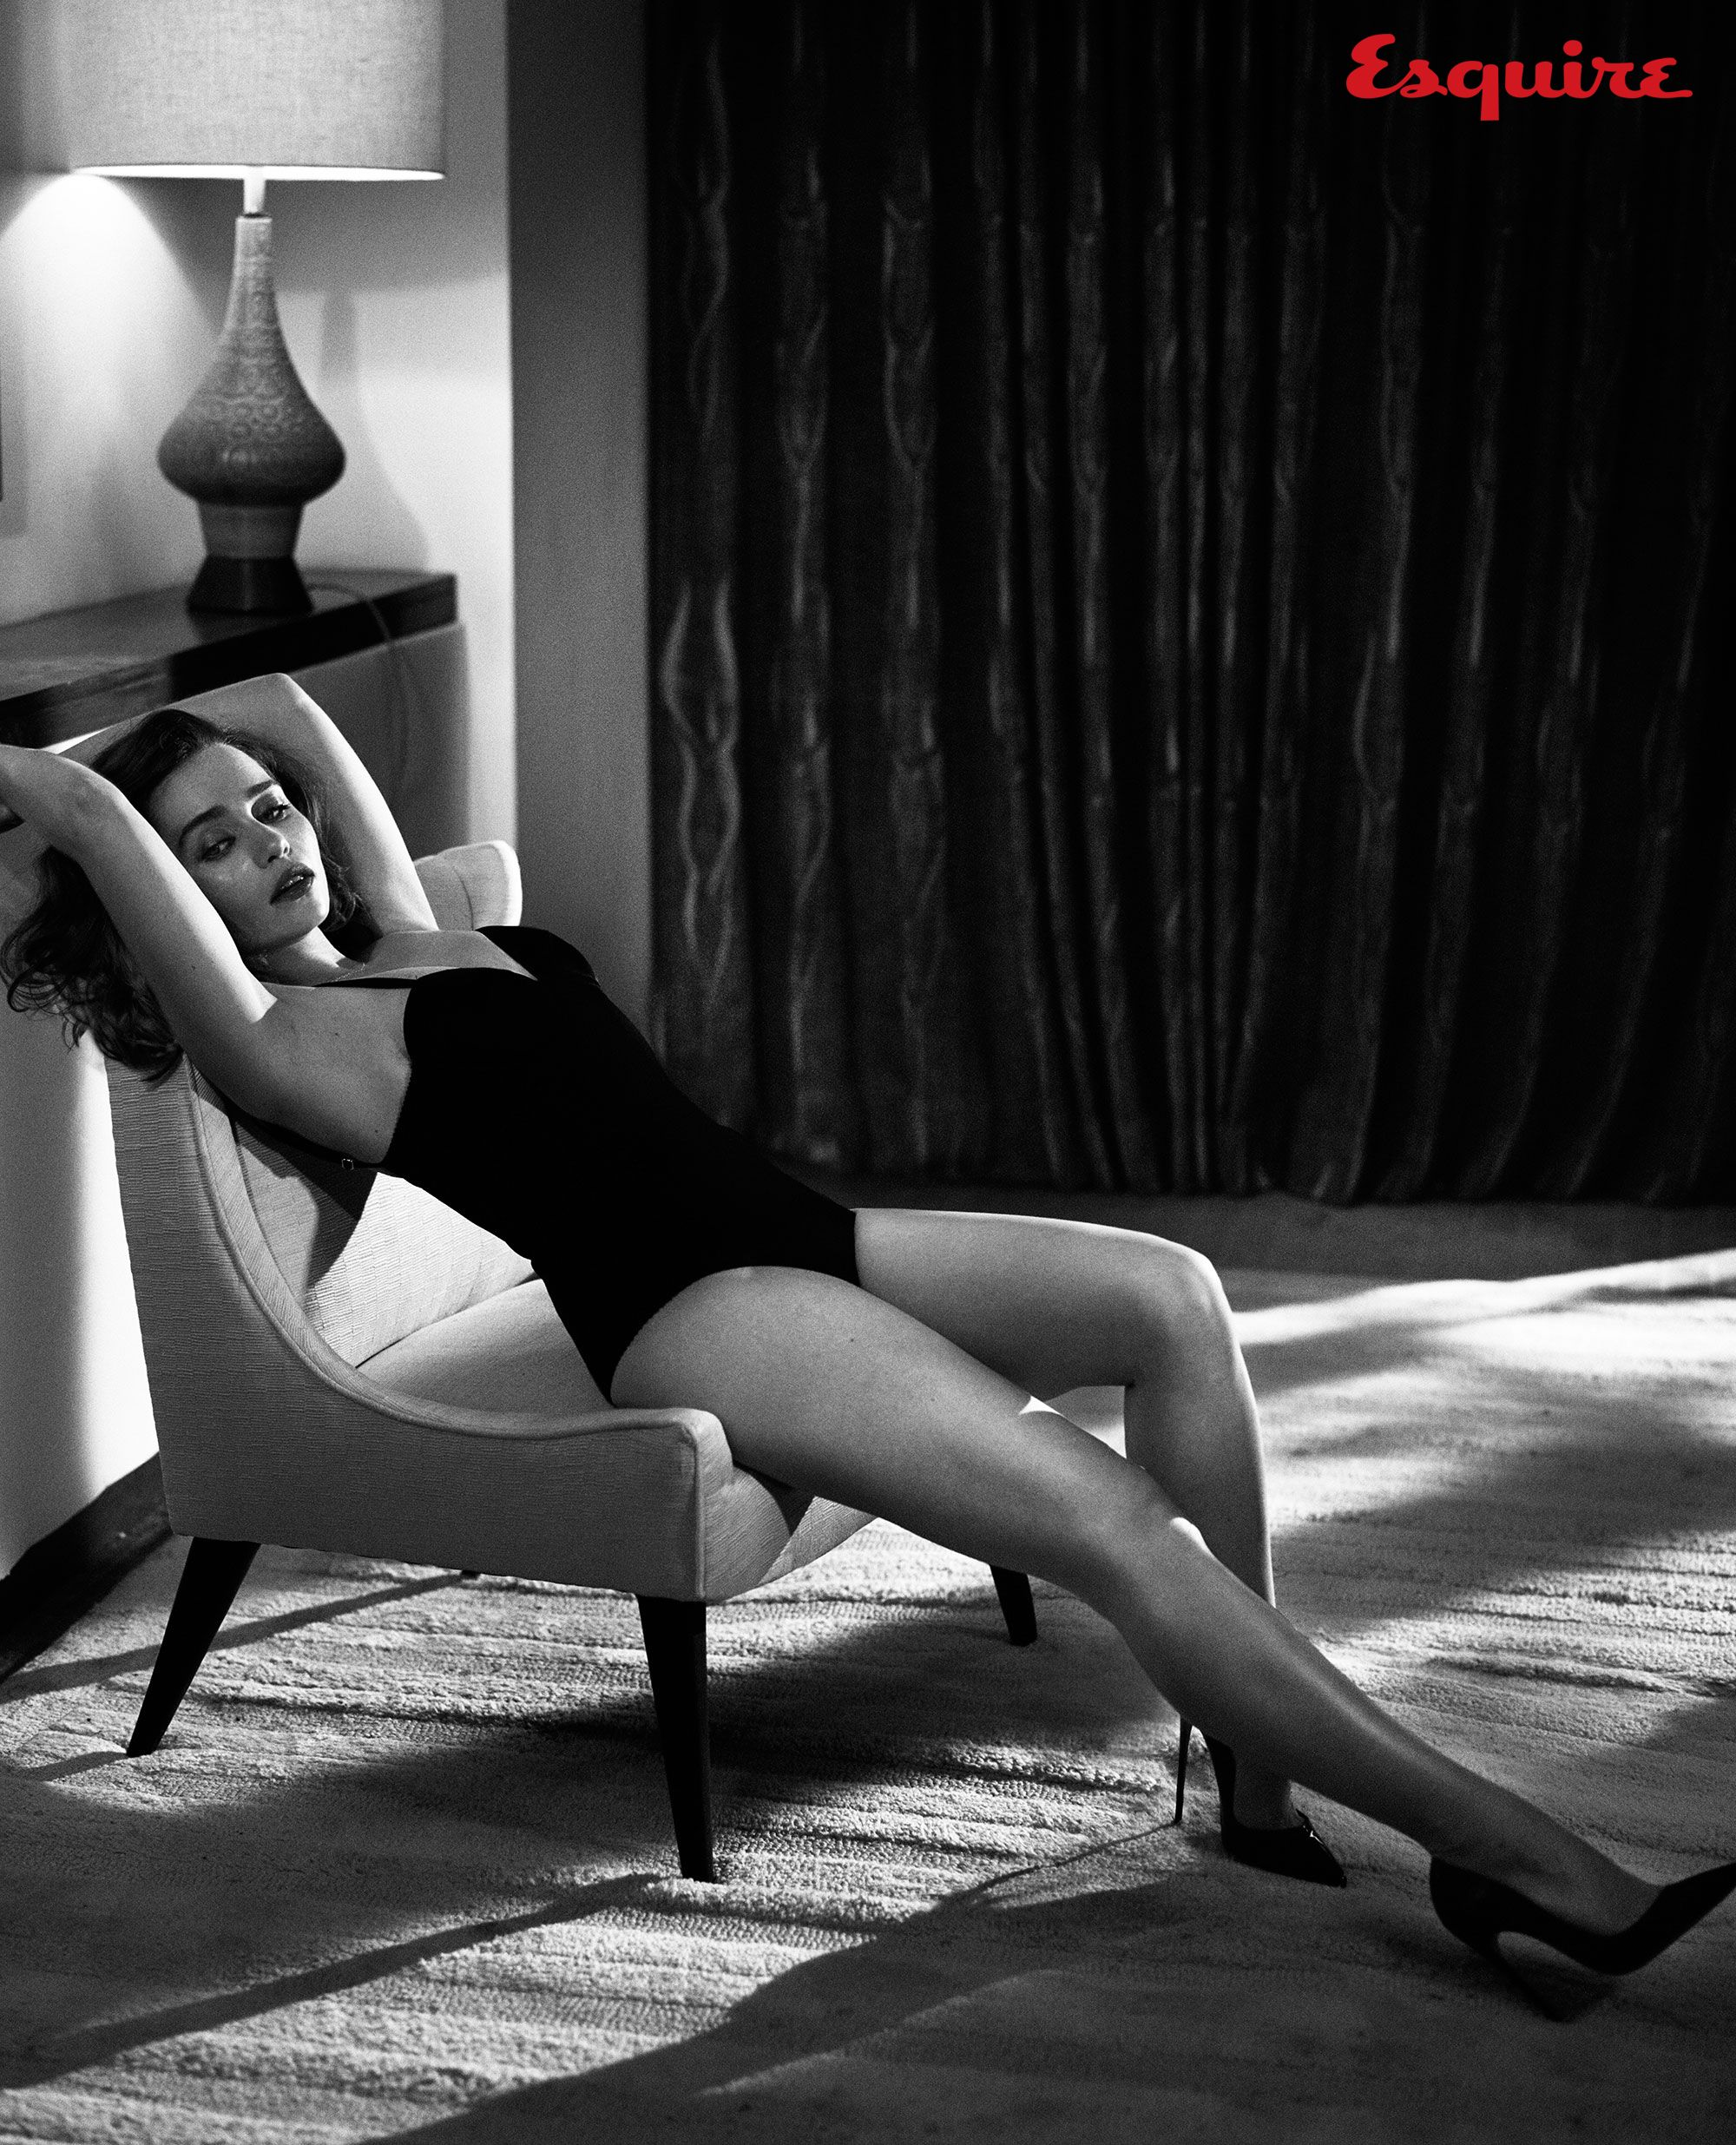 Nude Rihanna in the magazine Esquire 06/01/2012